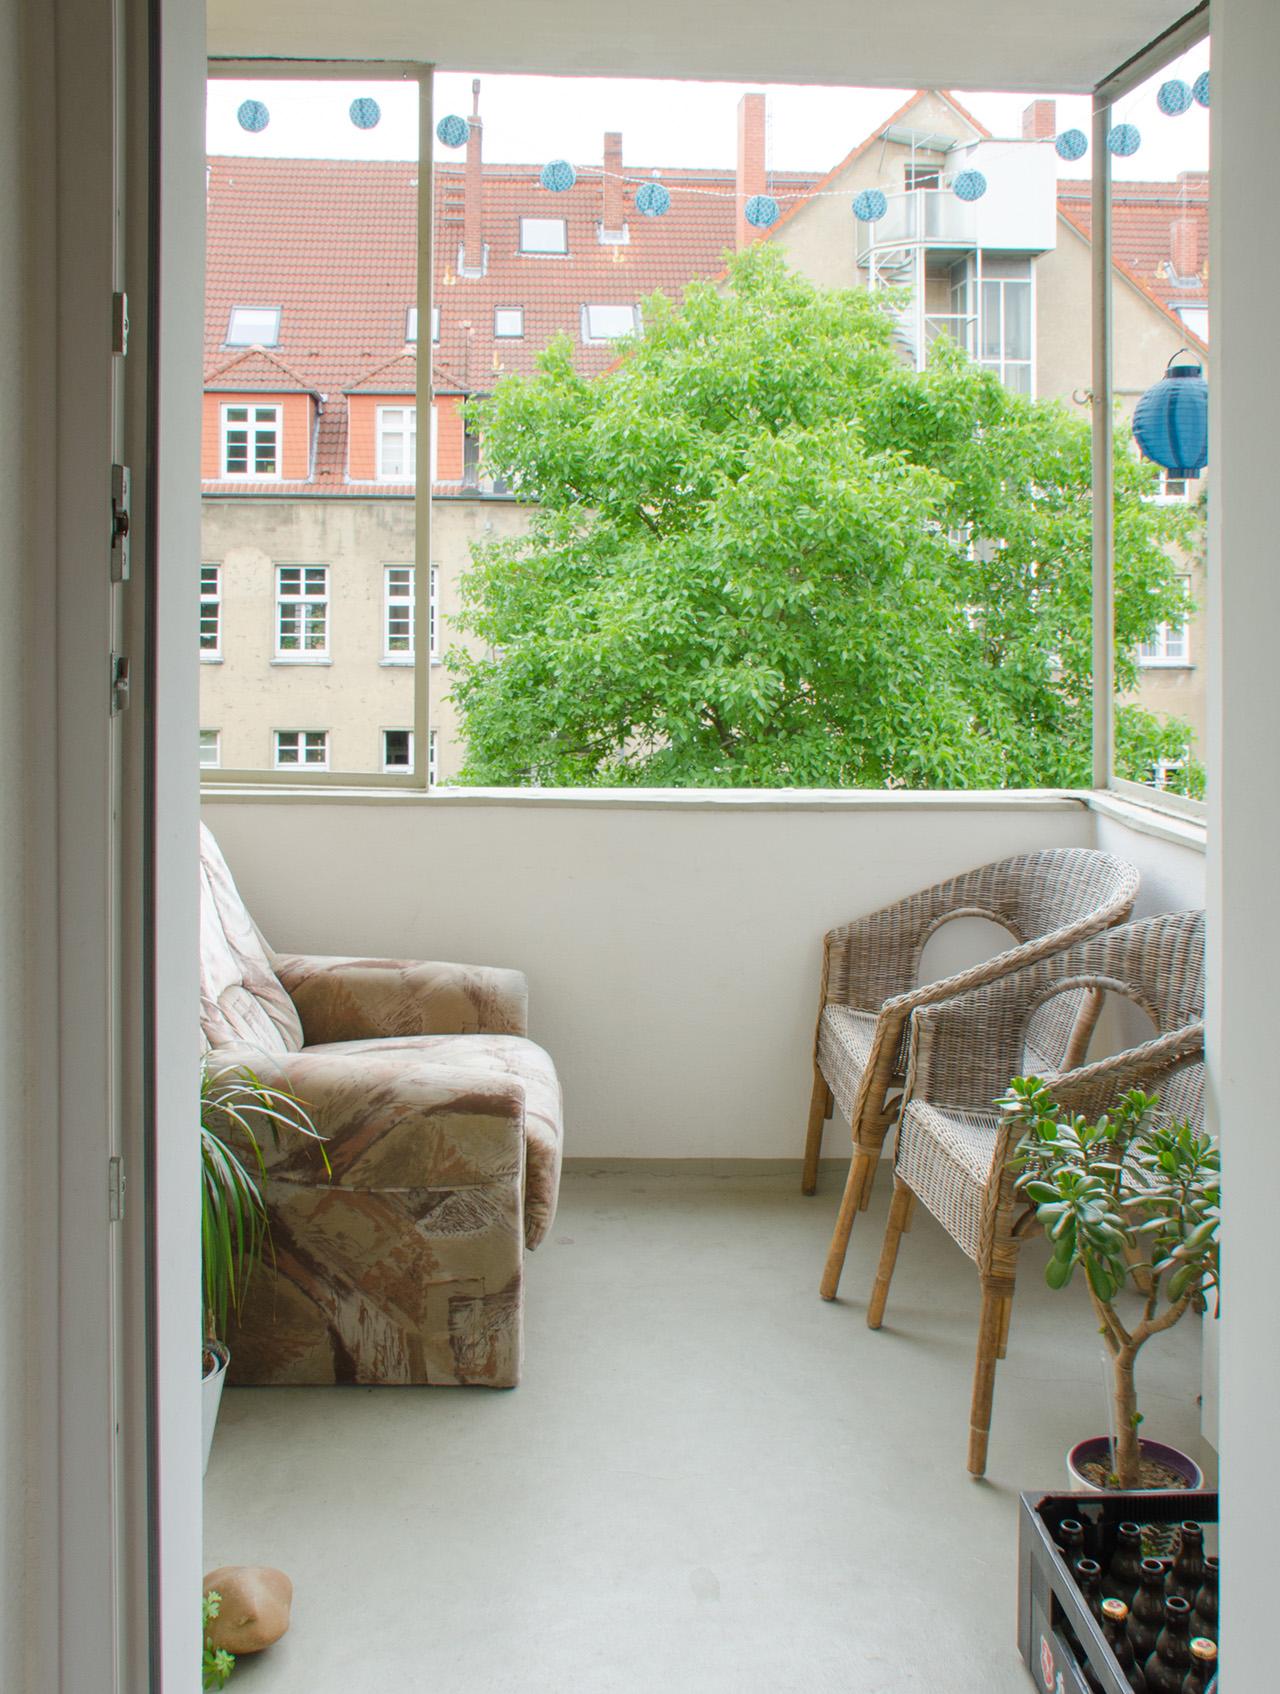 So wohnen wir – Unsere fantastische und günstige Wohnung in Hannover ...